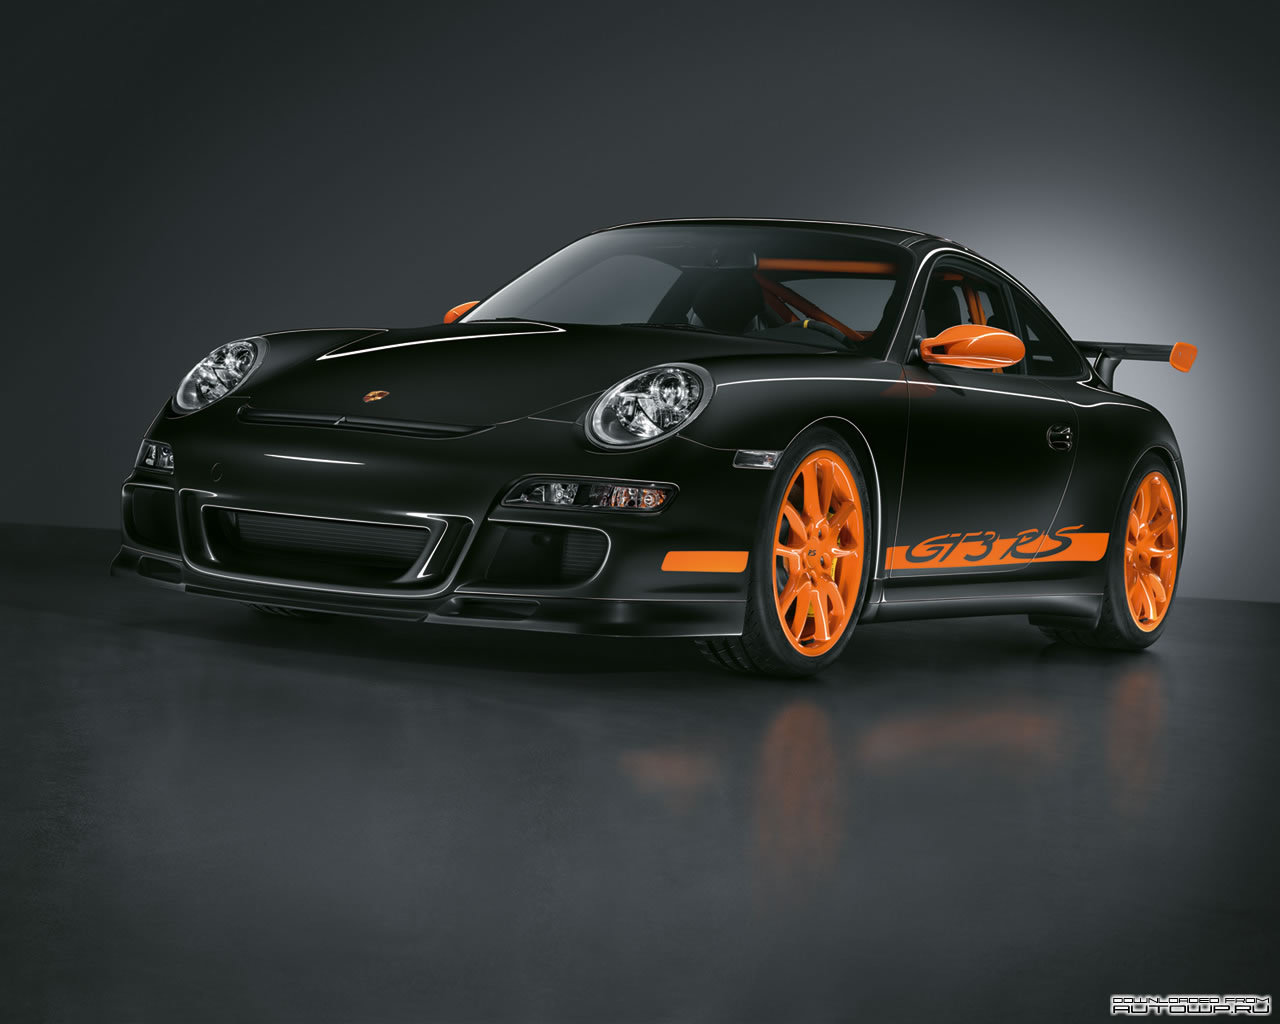 9792 скачать обои Транспорт, Машины, Порш (Porsche) - заставки и картинки бесплатно